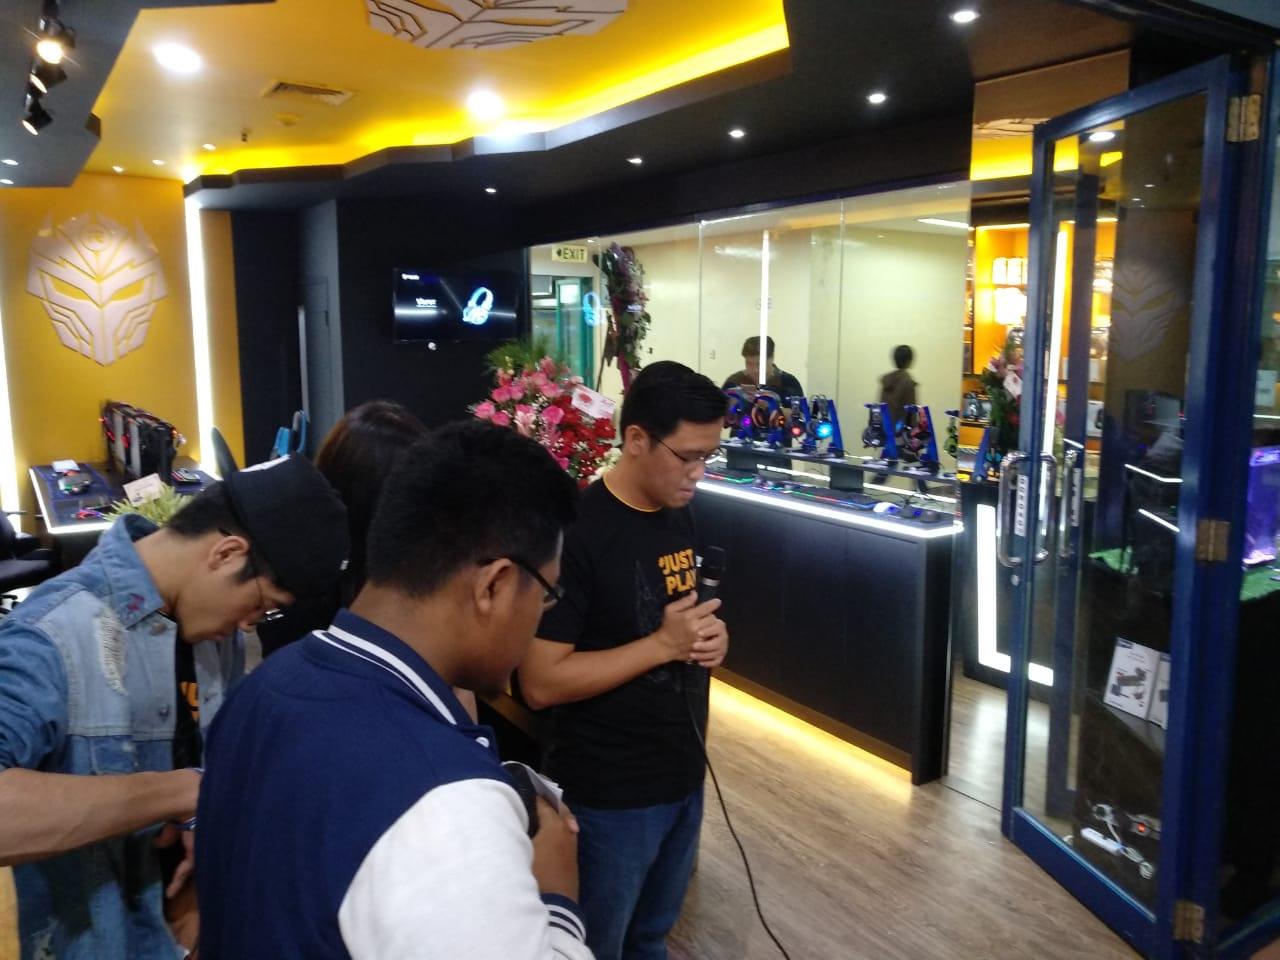 rexus Rexus Indonesia Secara Resmi Membuka Rexus Zone WhatsApp Image 2018 10 01 at 16